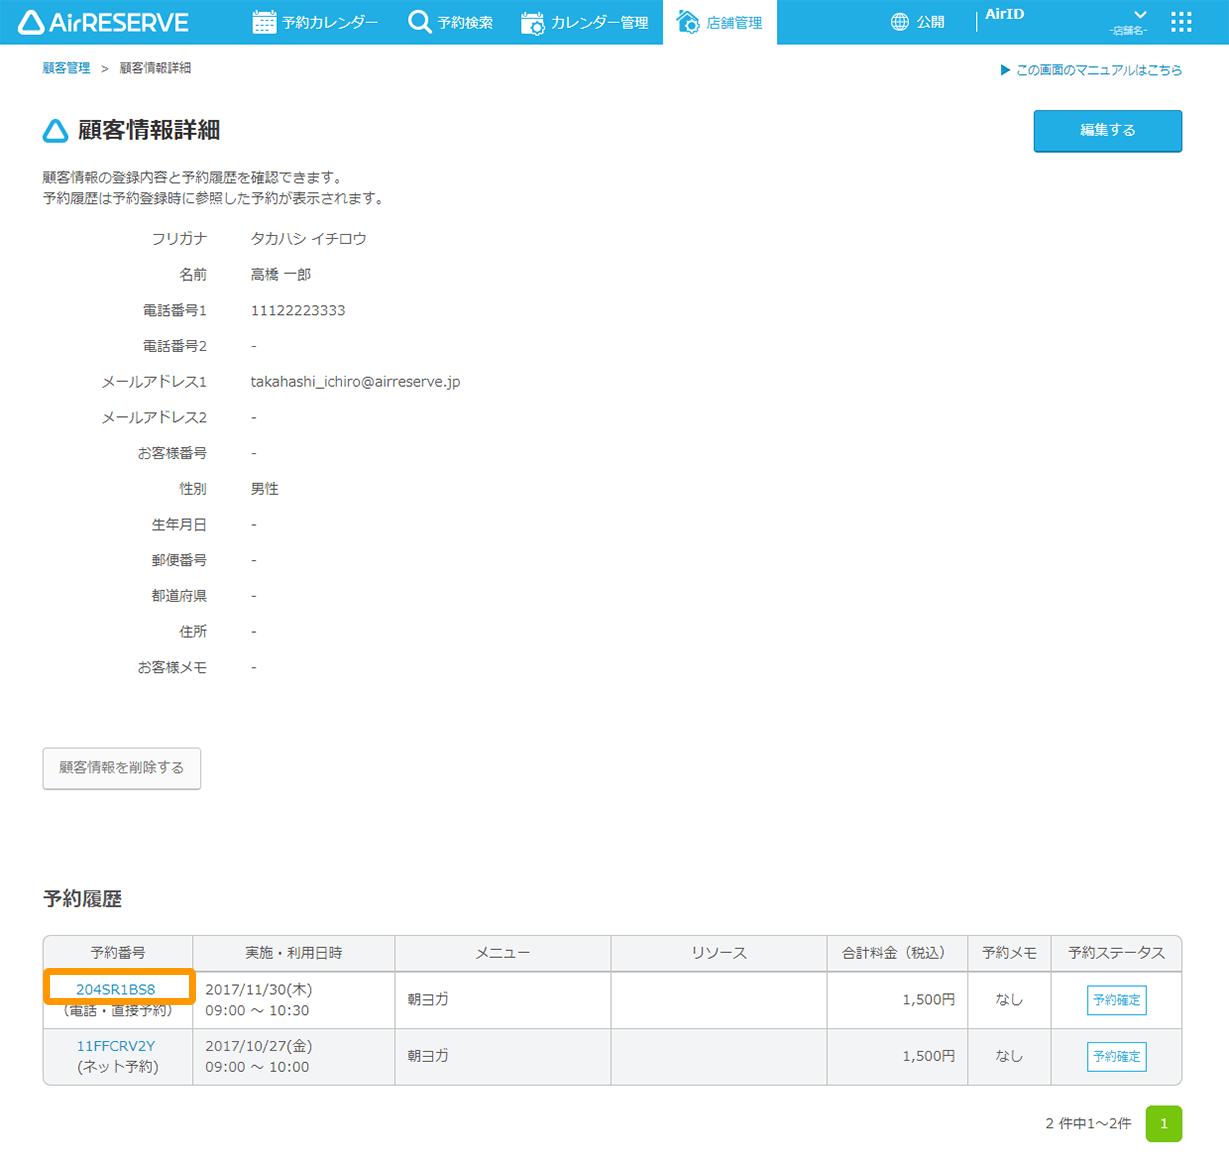 Airリザーブ 顧客情報詳細画面